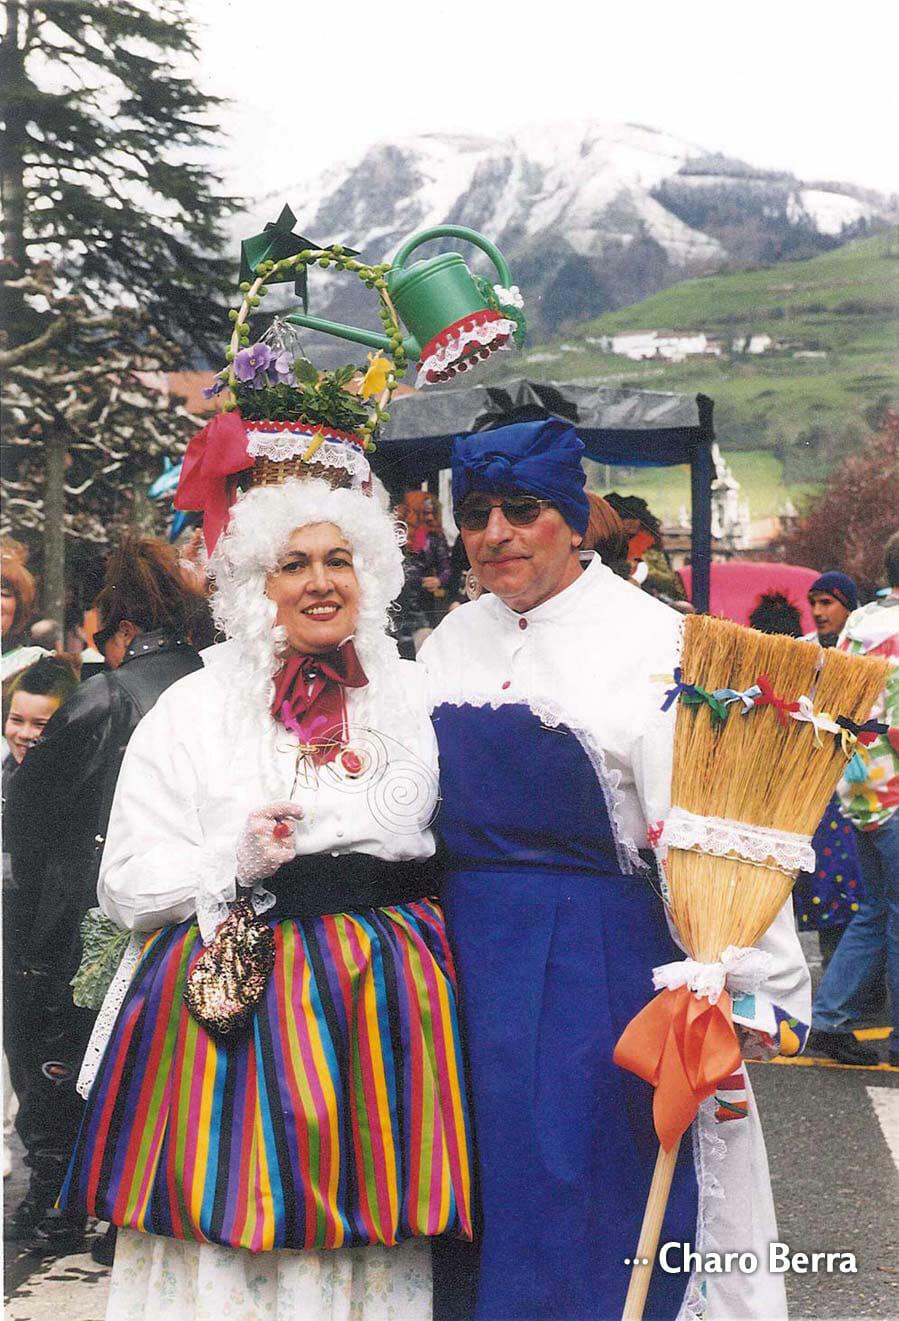 Charo Berra junto a su marido